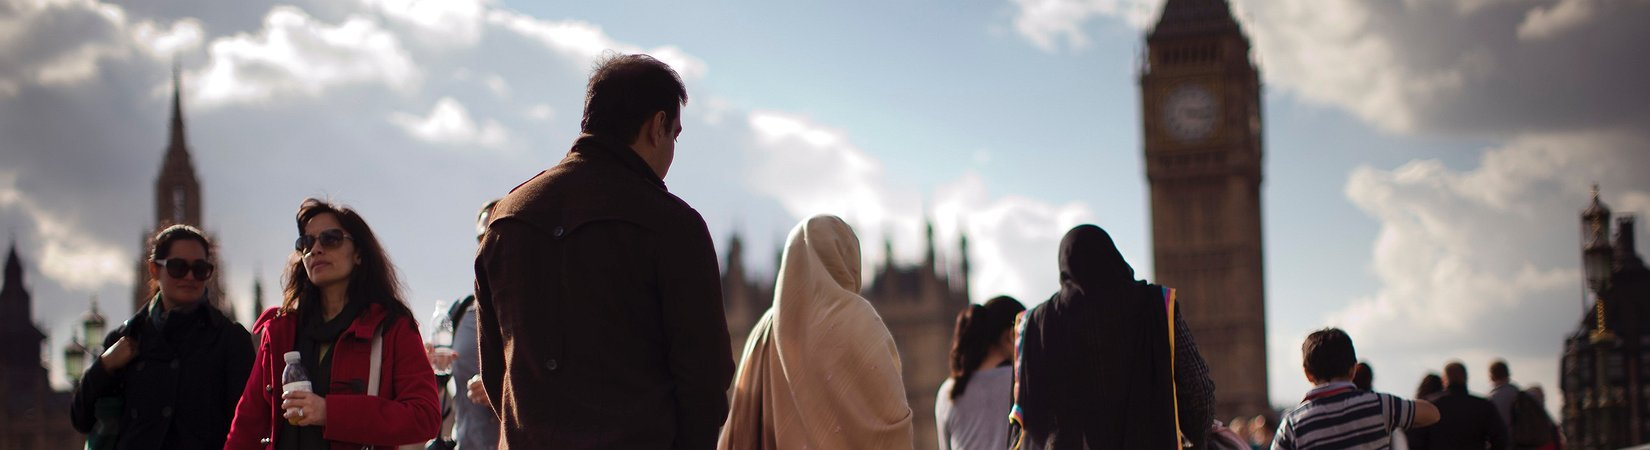 Los ciudadanos europeos que hayan vivido 5 años en el Reino Unido mantendrán su estatus